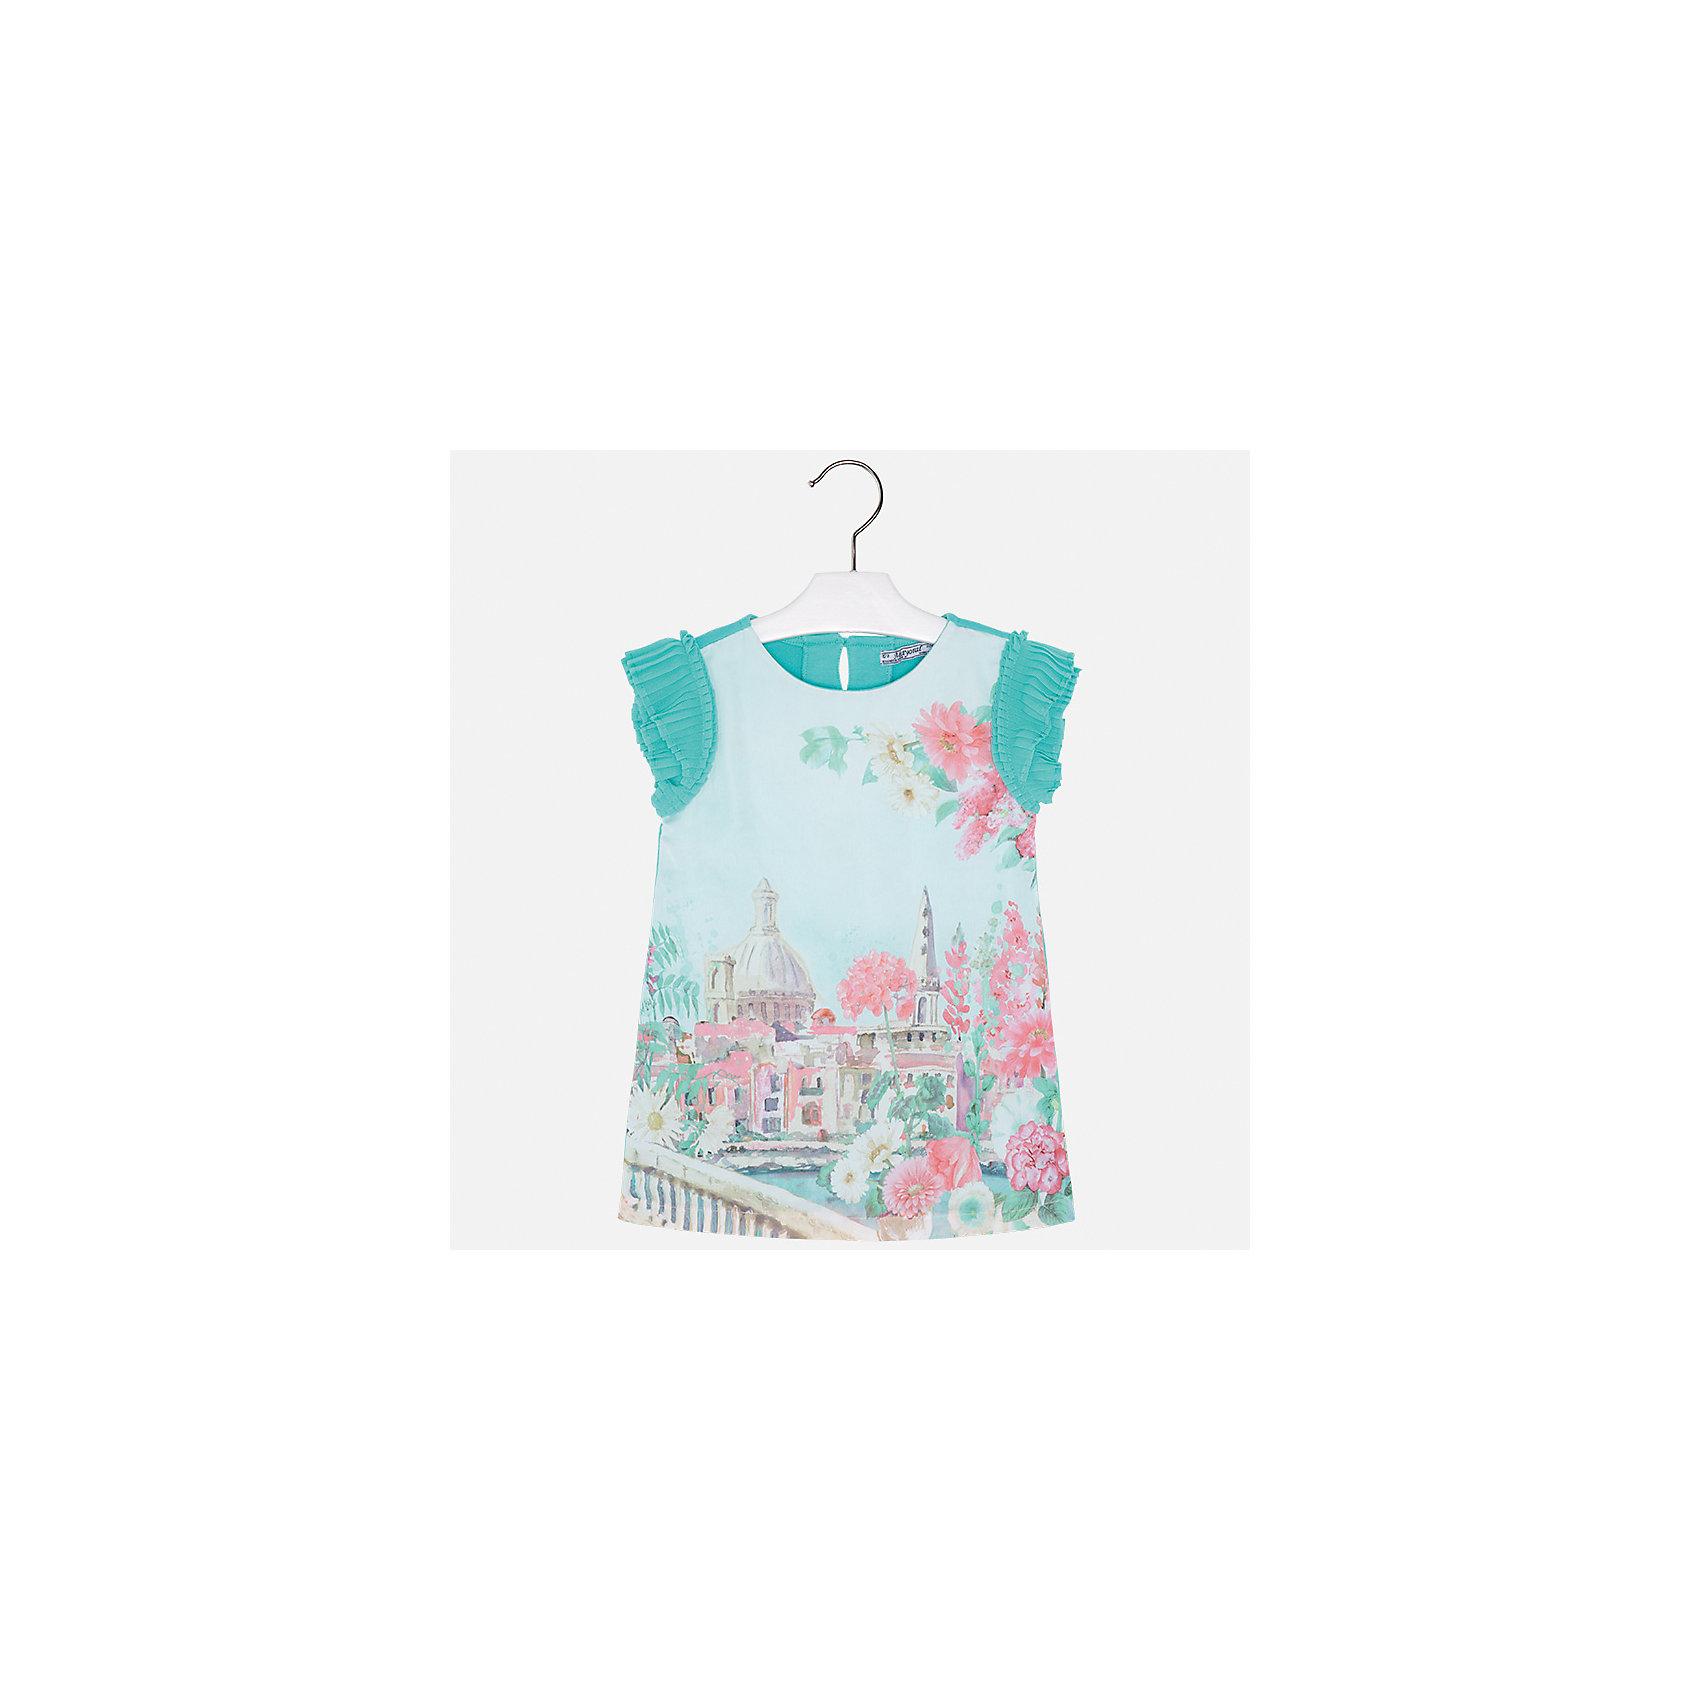 Платье для девочки MayoralПлатья и сарафаны<br>Характеристики товара:<br><br>• цвет: зелёный<br>• состав: 70% полиэстер, 28% хлопок, 2% эластан, подкладка - 95% хлопок, 5% эластан<br>• застежка: молния<br>• принт<br>• объемные короткие рукава<br>• прямой силуэт<br>• с подкладкой<br>• страна бренда: Испания<br><br>Эффектное платье для девочки поможет разнообразить гардероб ребенка и создать эффектный наряд. Оно отлично подойдет и для торжественных случаев. В составе материала подкладки - натуральный хлопок, гипоаллергенный, приятный на ощупь, дышащий. Платье хорошо сидит по фигуре.<br><br>Платье для девочки от испанского бренда Mayoral (Майорал) можно купить в нашем интернет-магазине.<br><br>Ширина мм: 236<br>Глубина мм: 16<br>Высота мм: 184<br>Вес г: 177<br>Цвет: синий<br>Возраст от месяцев: 96<br>Возраст до месяцев: 108<br>Пол: Женский<br>Возраст: Детский<br>Размер: 134,92,98,104,110,116,122,128<br>SKU: 5291198